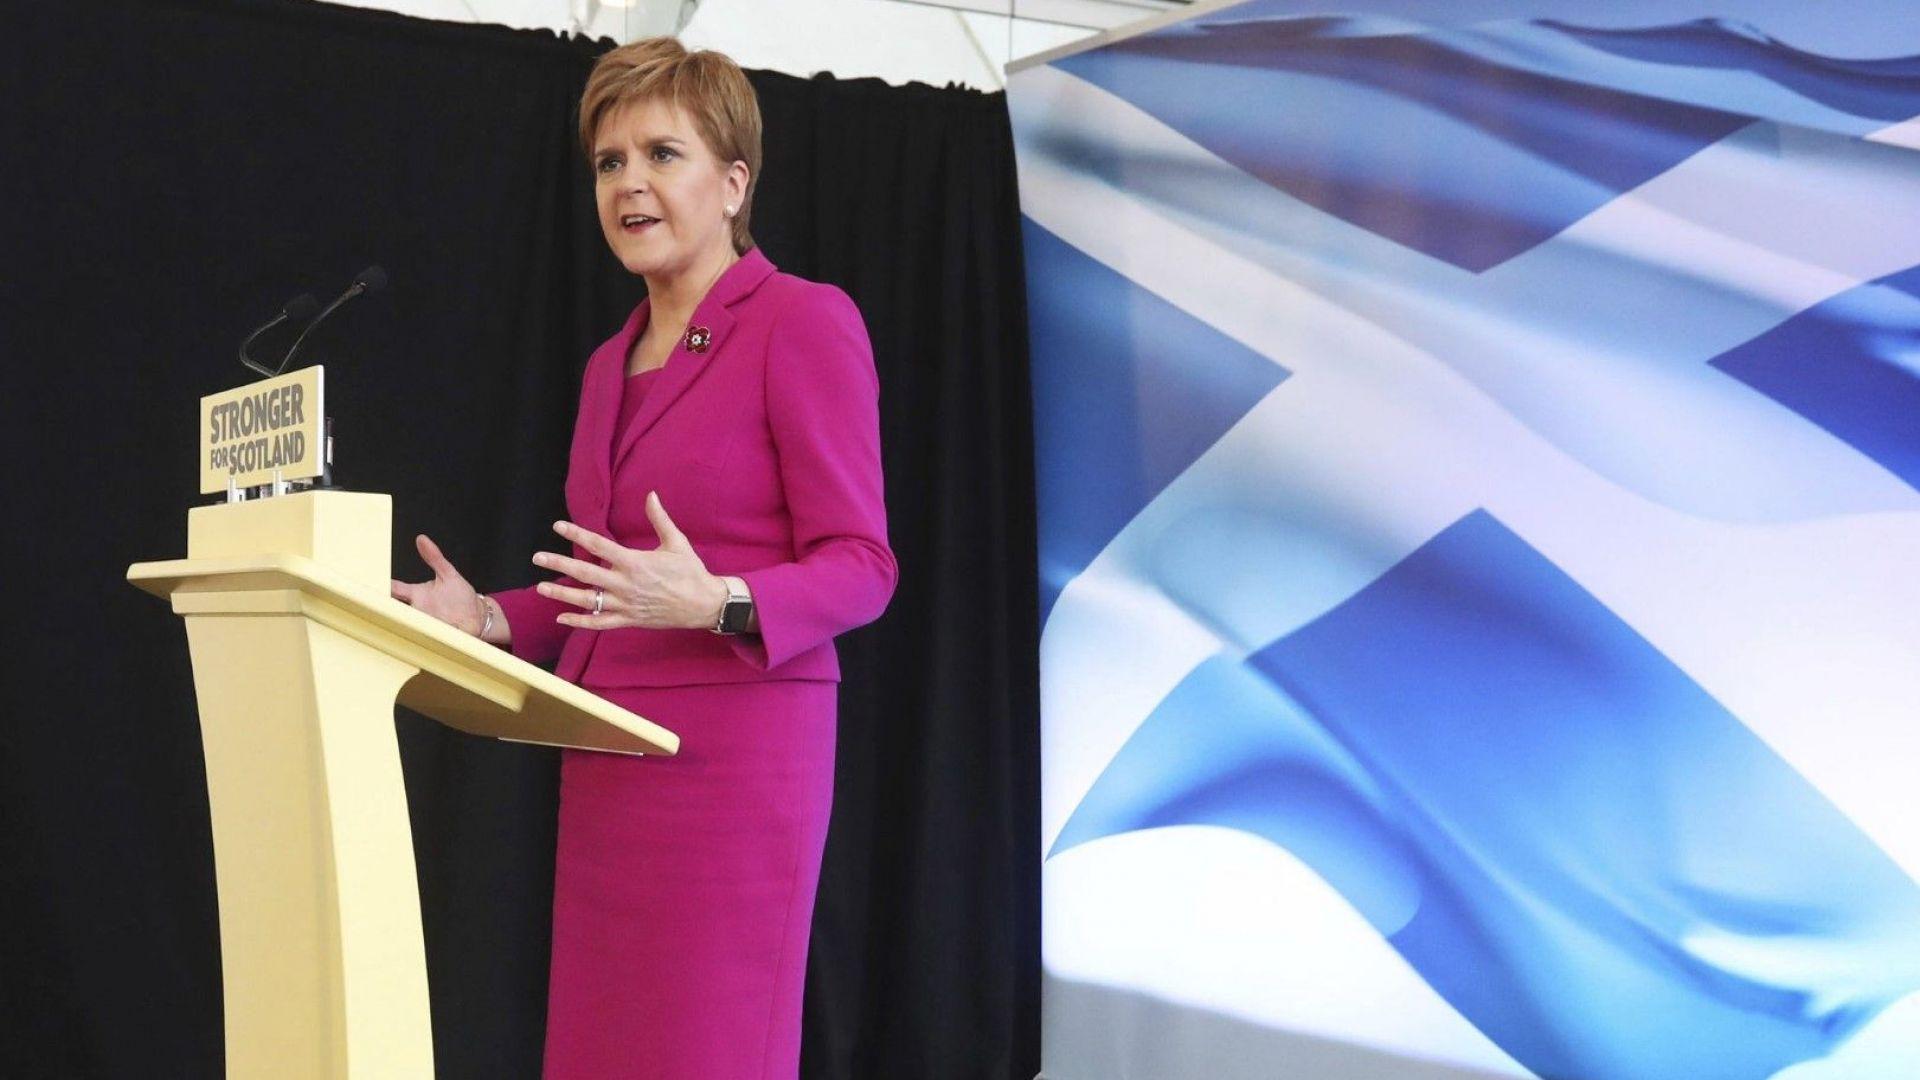 Шотландската национална партия (ШНП) откри официално днес кампанията си за